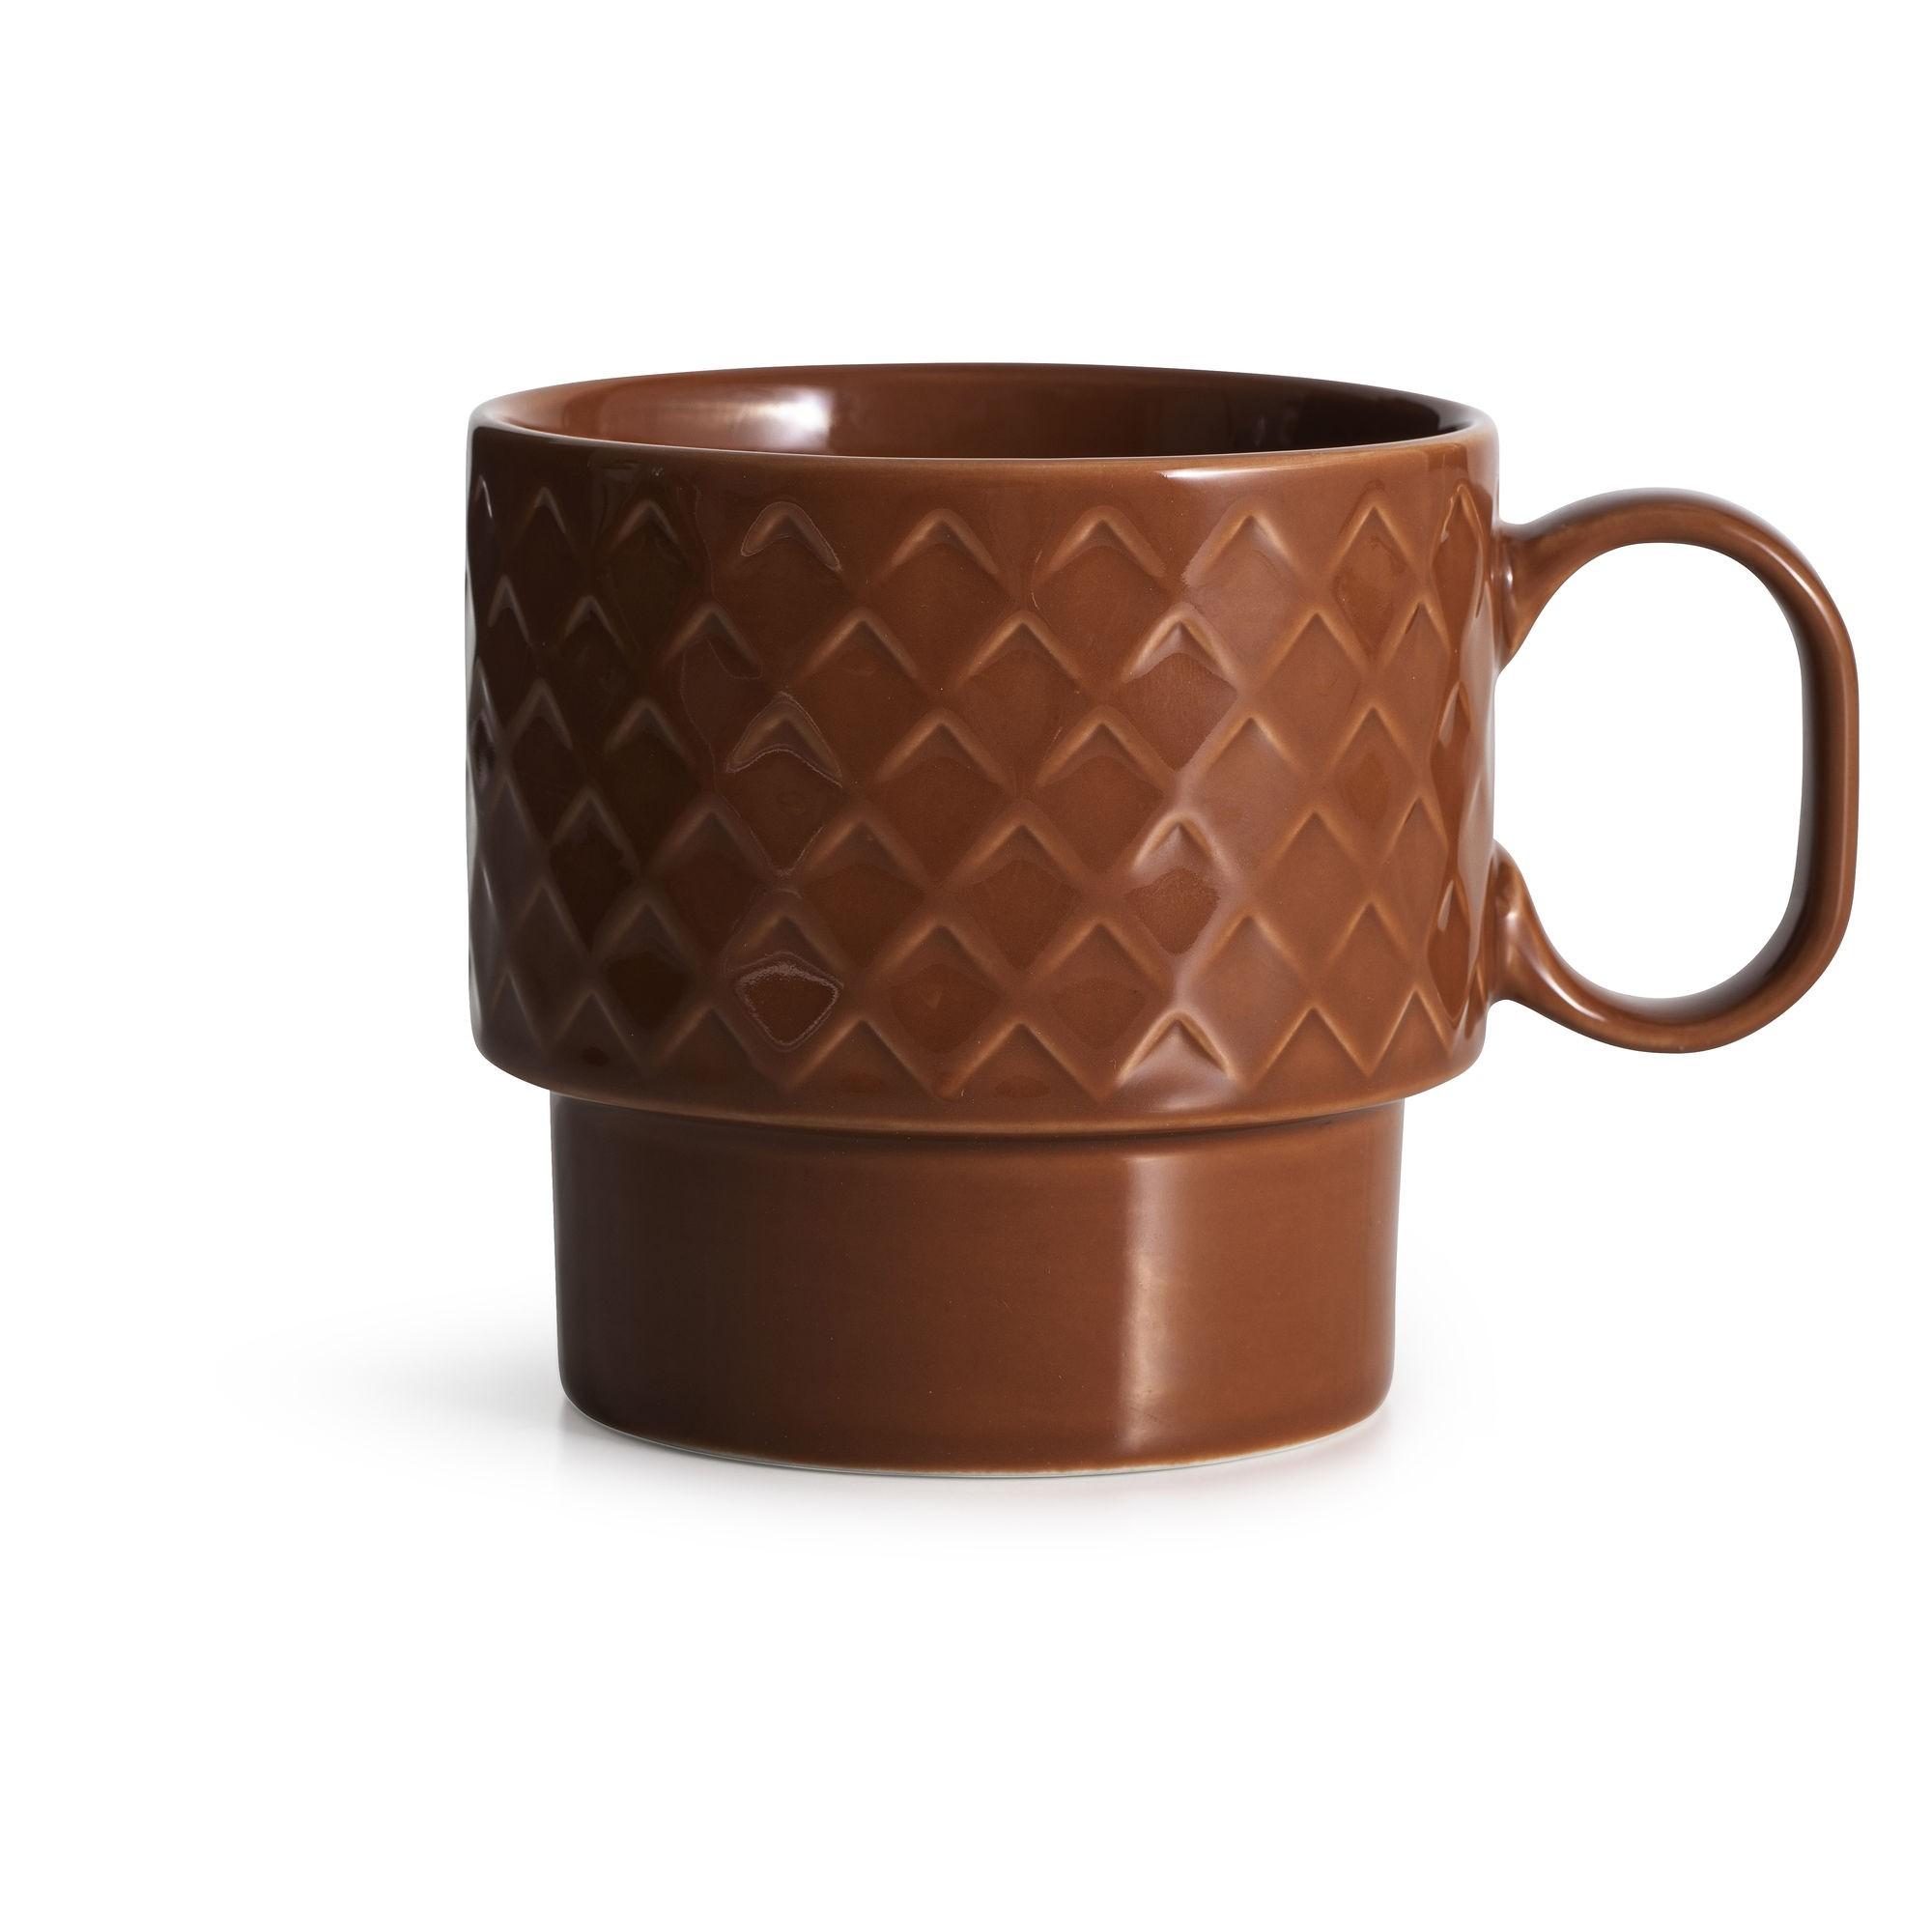 filiżanka do herbaty, czerwona, ceramika, 0,4 l, wys. 9 cm